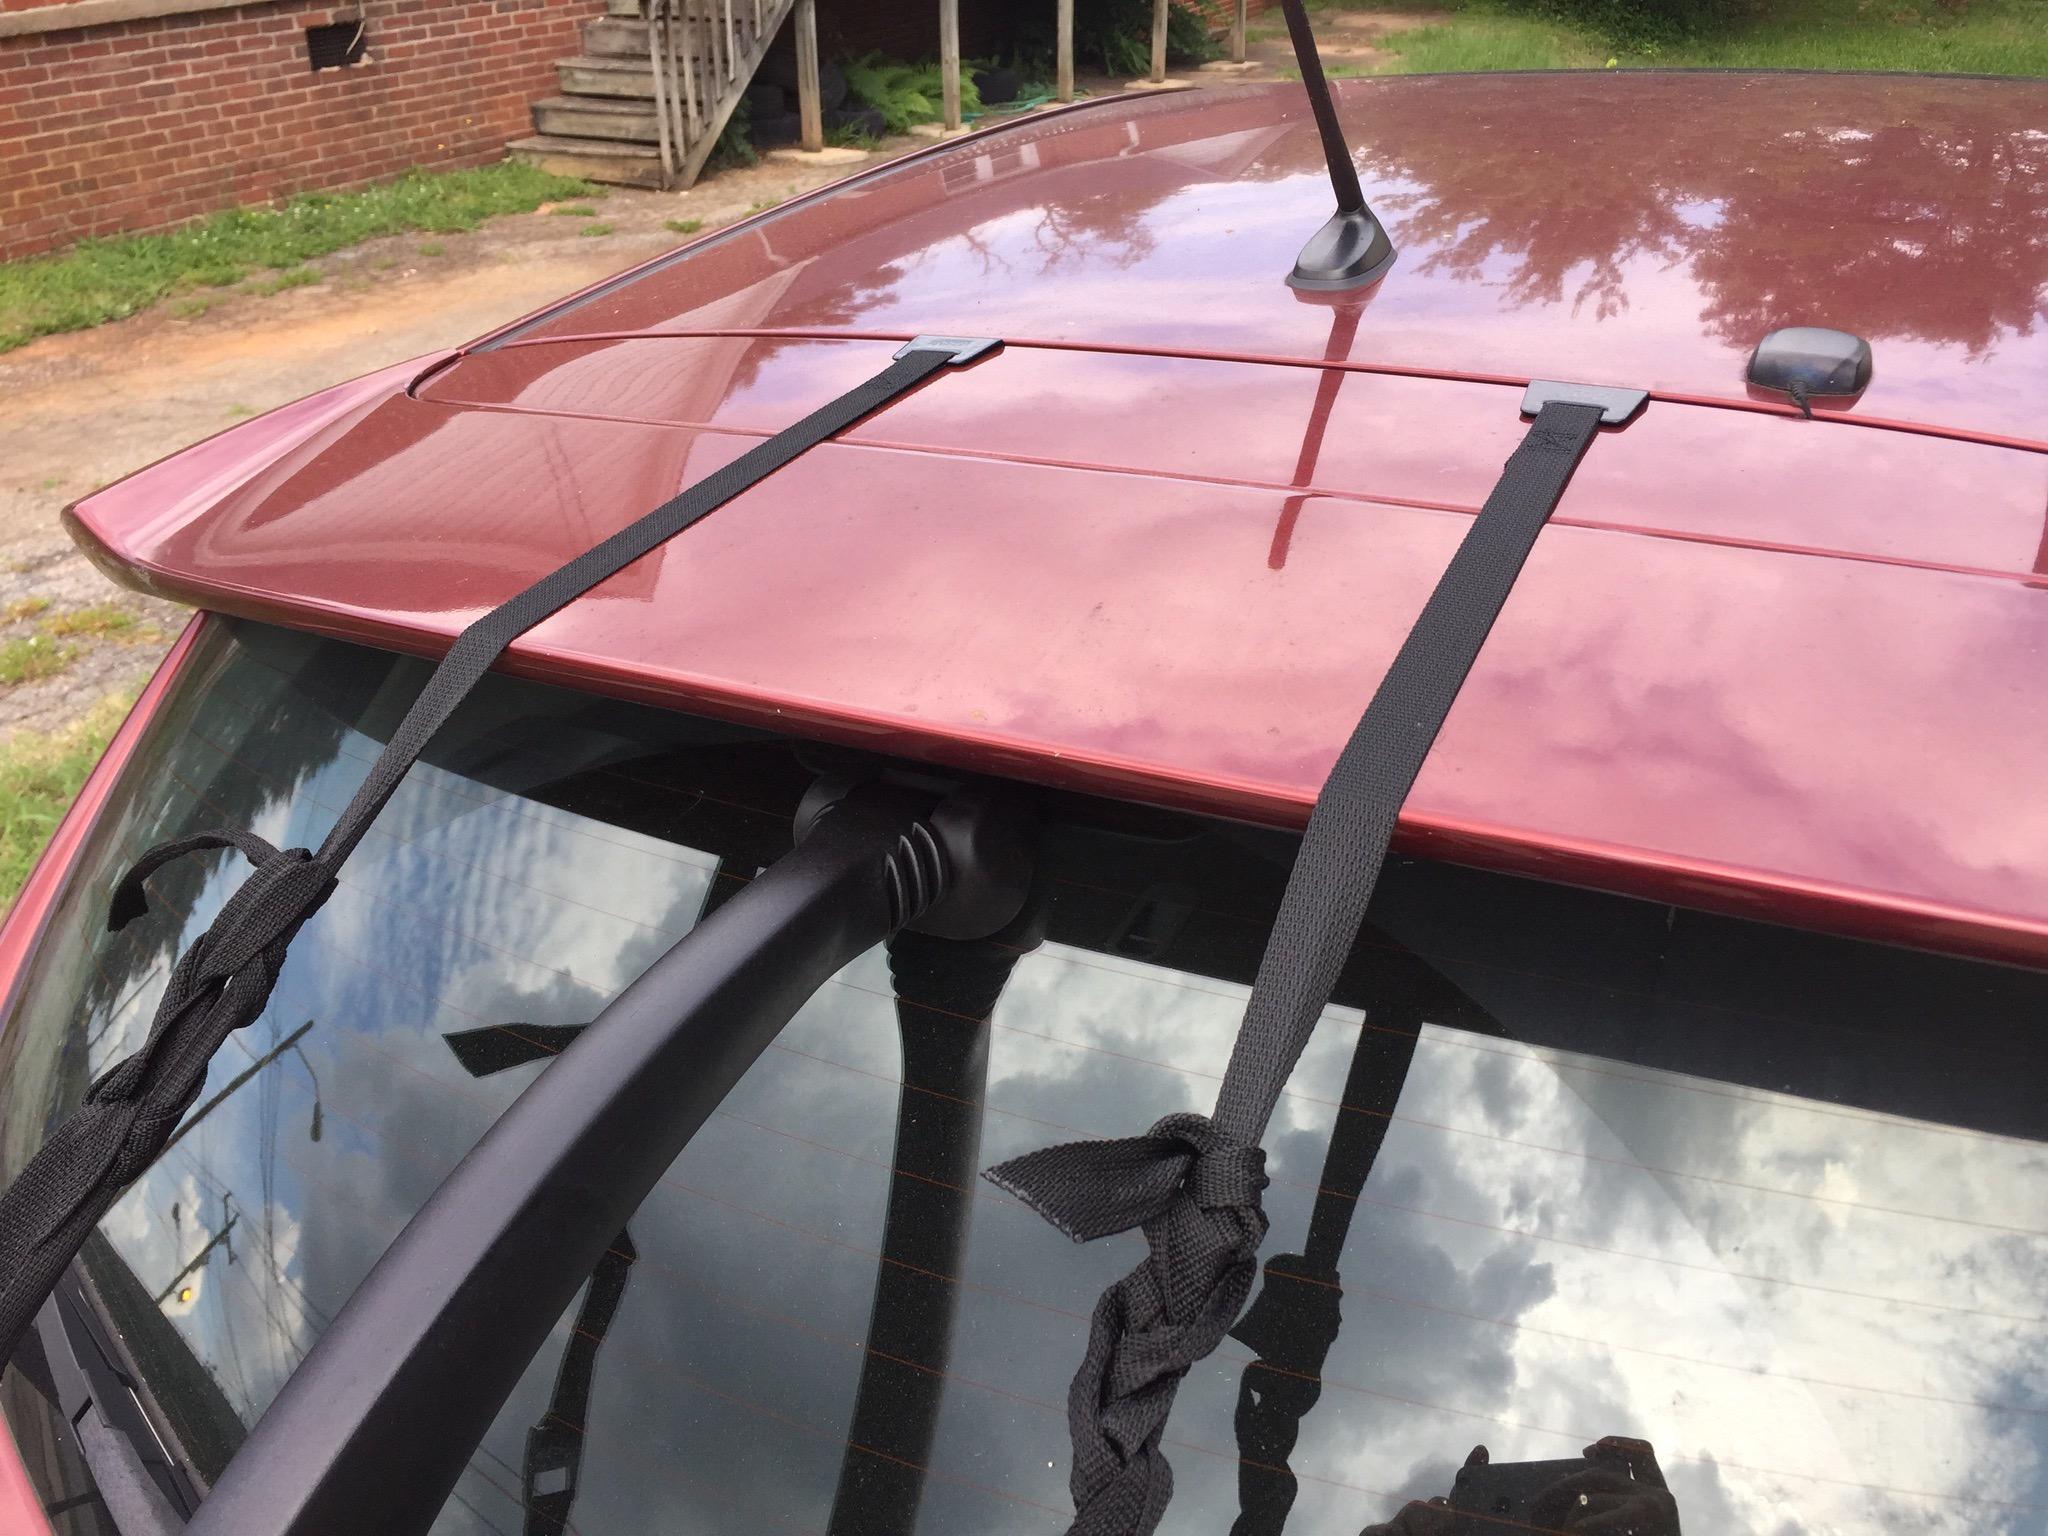 a bike rack for my mazda 3 hatchback